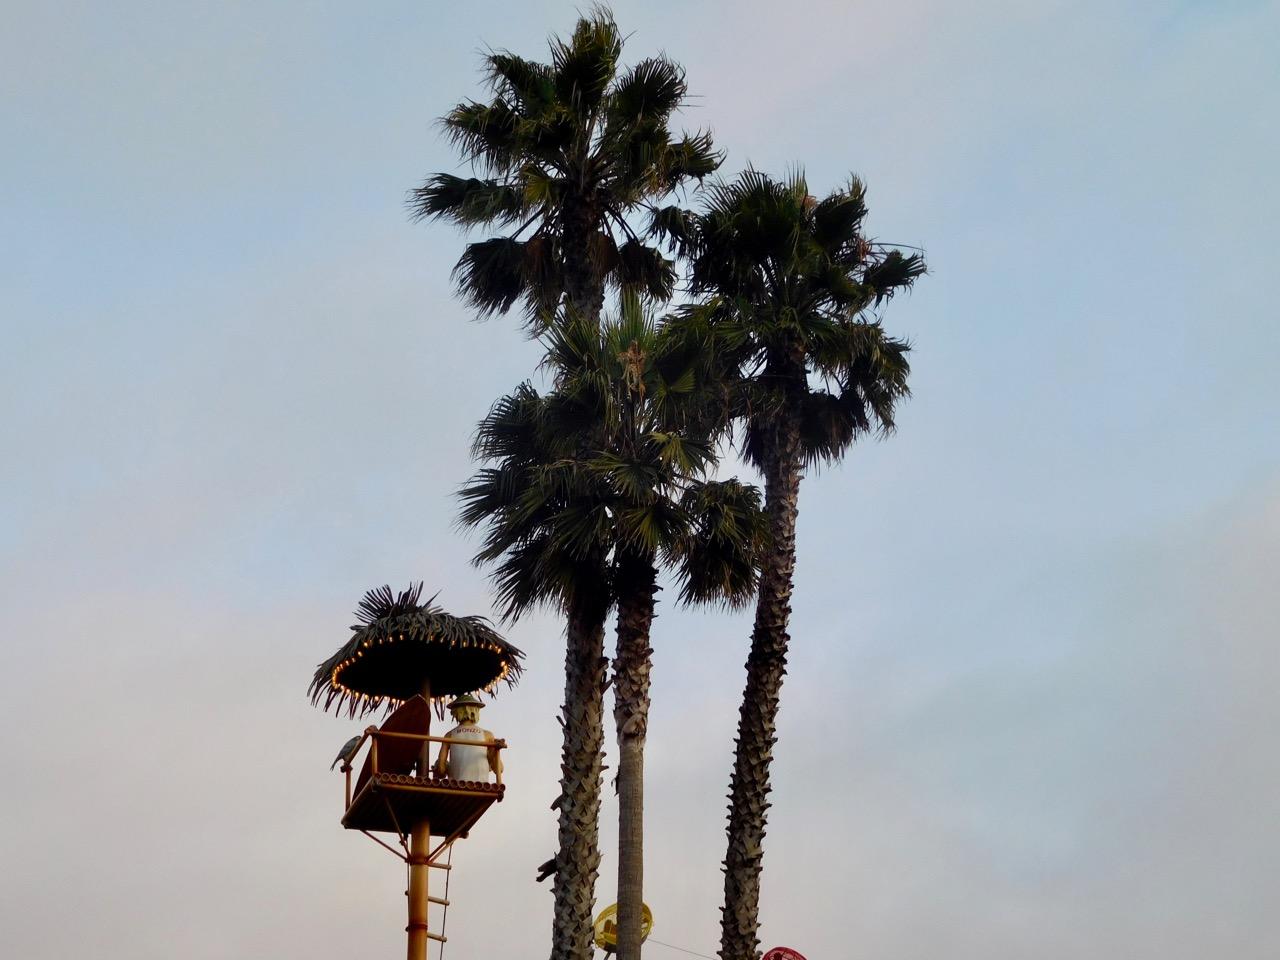 Quelques jours à Santa Cruz - des palmiers au Parc d'attraction [01]